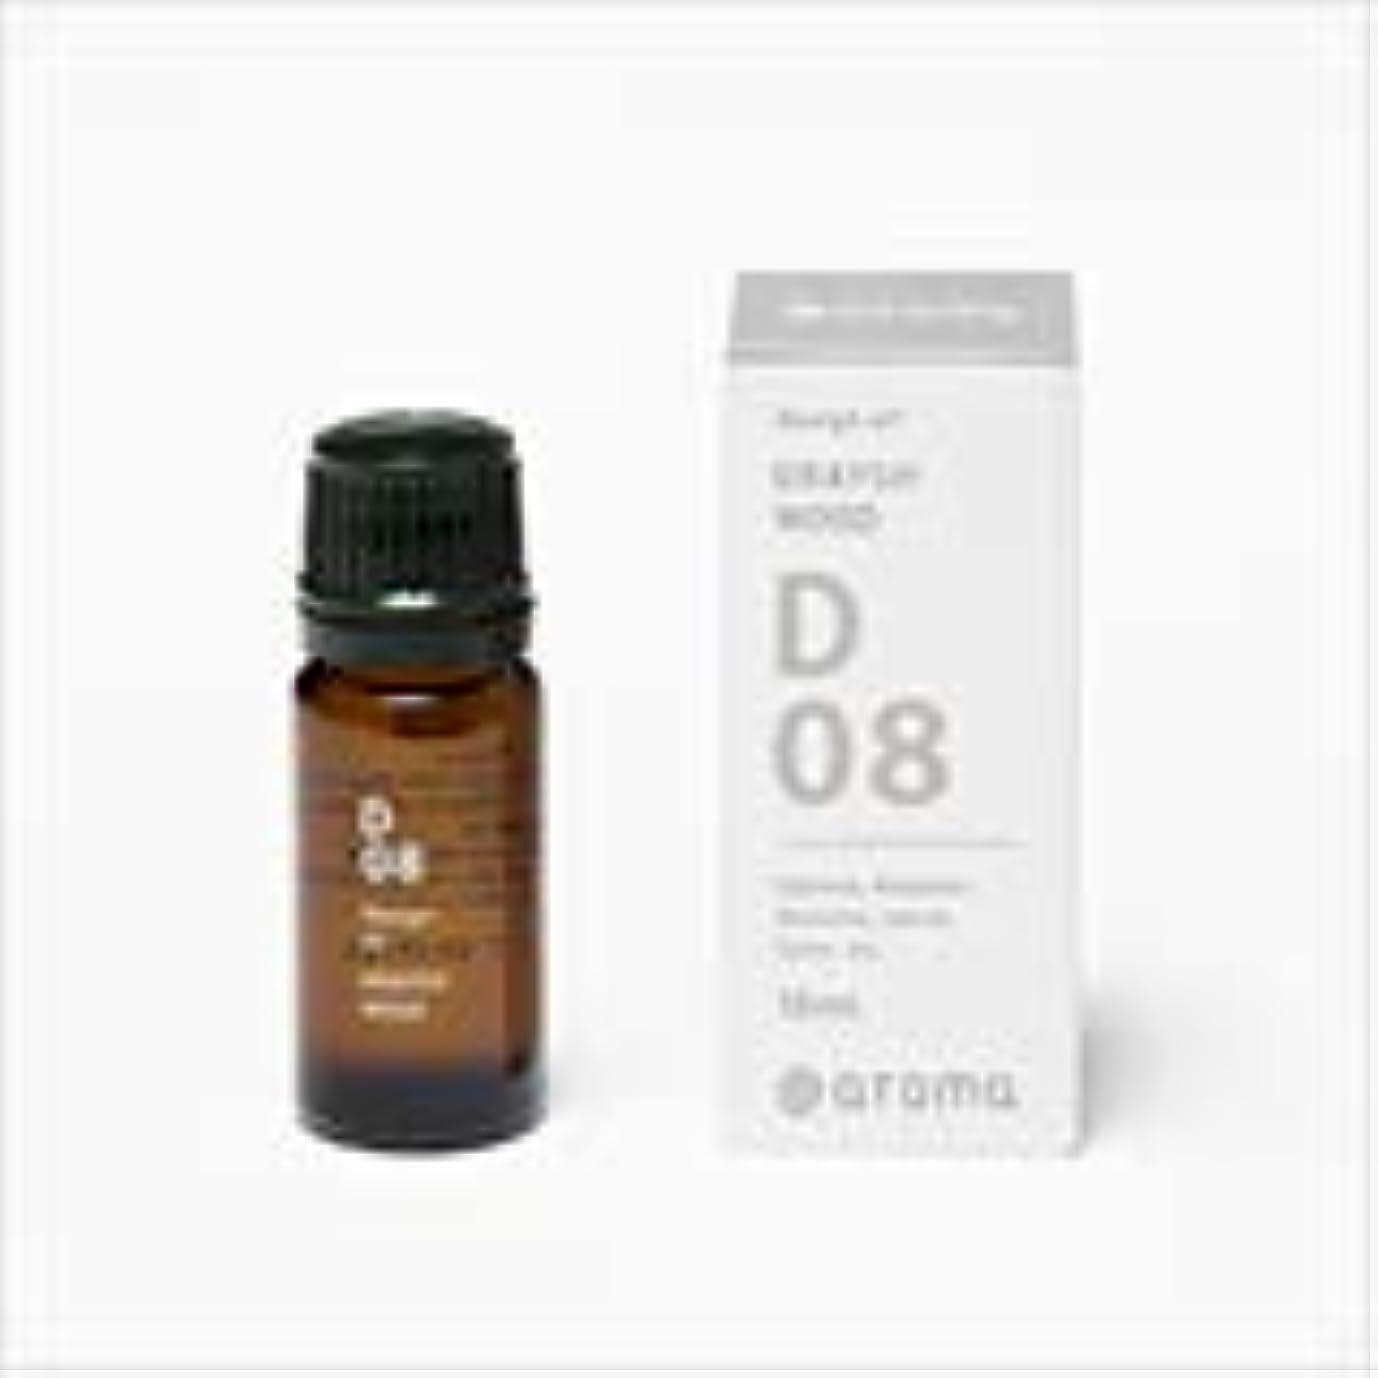 軽拍車集めるアットアロマ 100%pure essential oil <Design air アーバンスカイ>